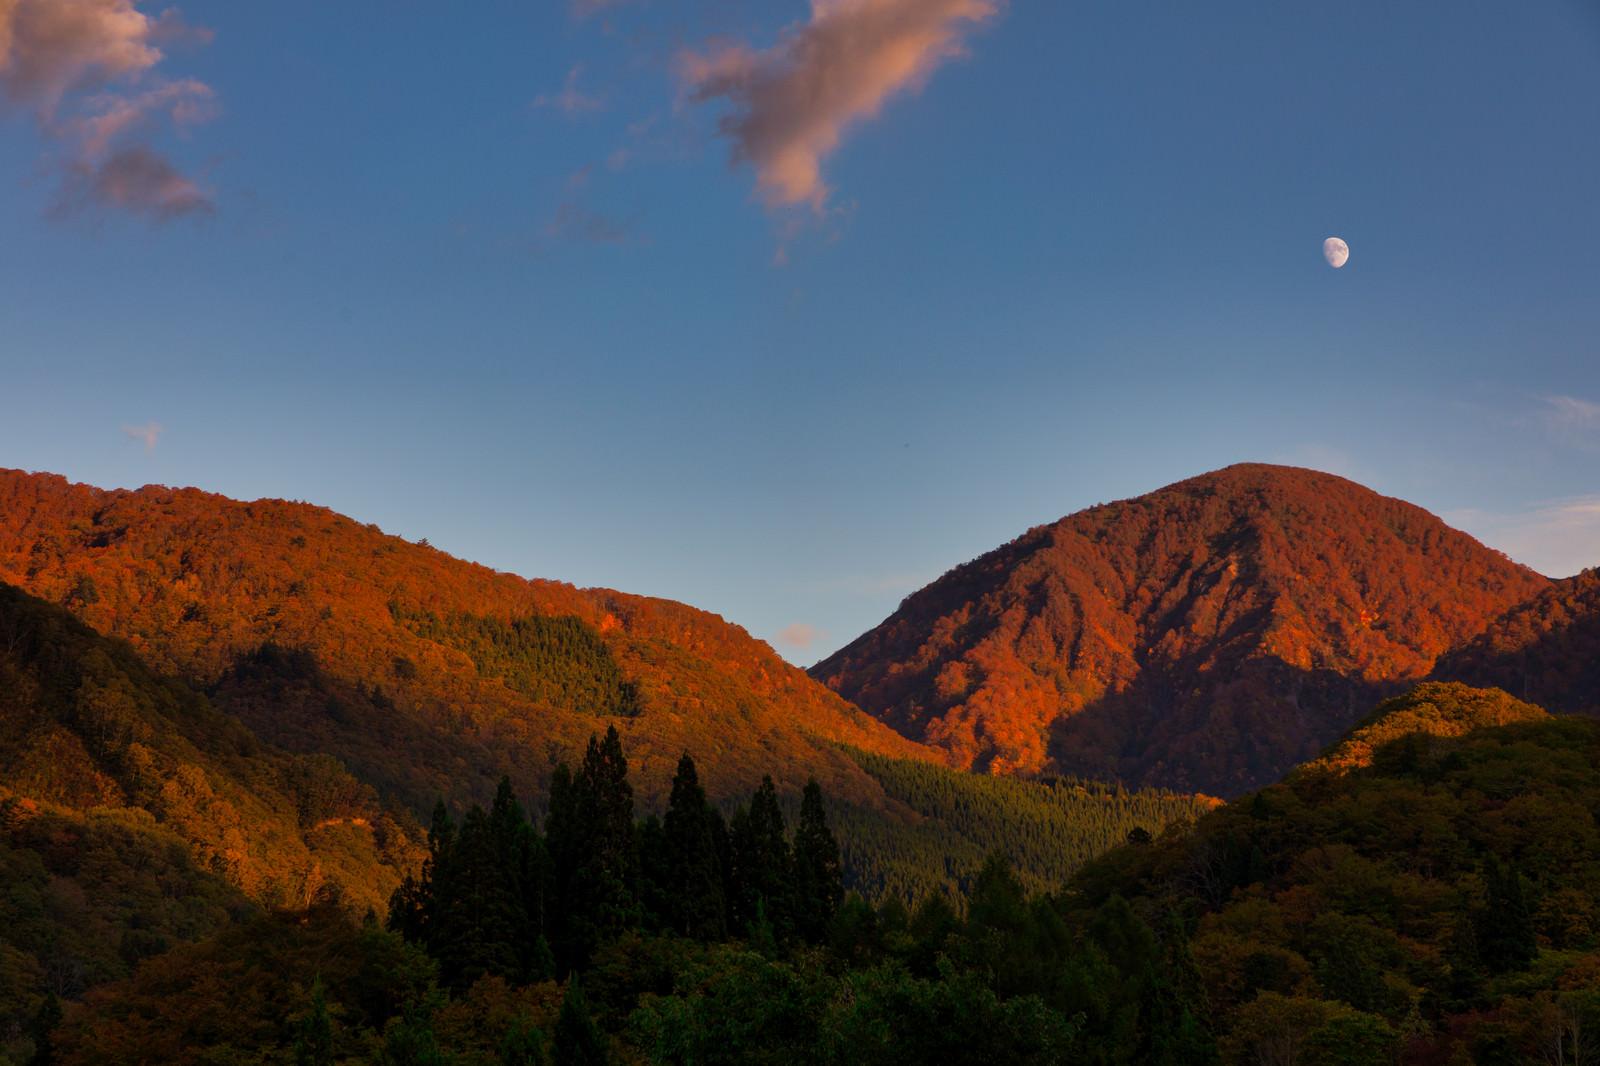 「夕暮れに染まる紅葉した山と空に浮かぶ月」の写真